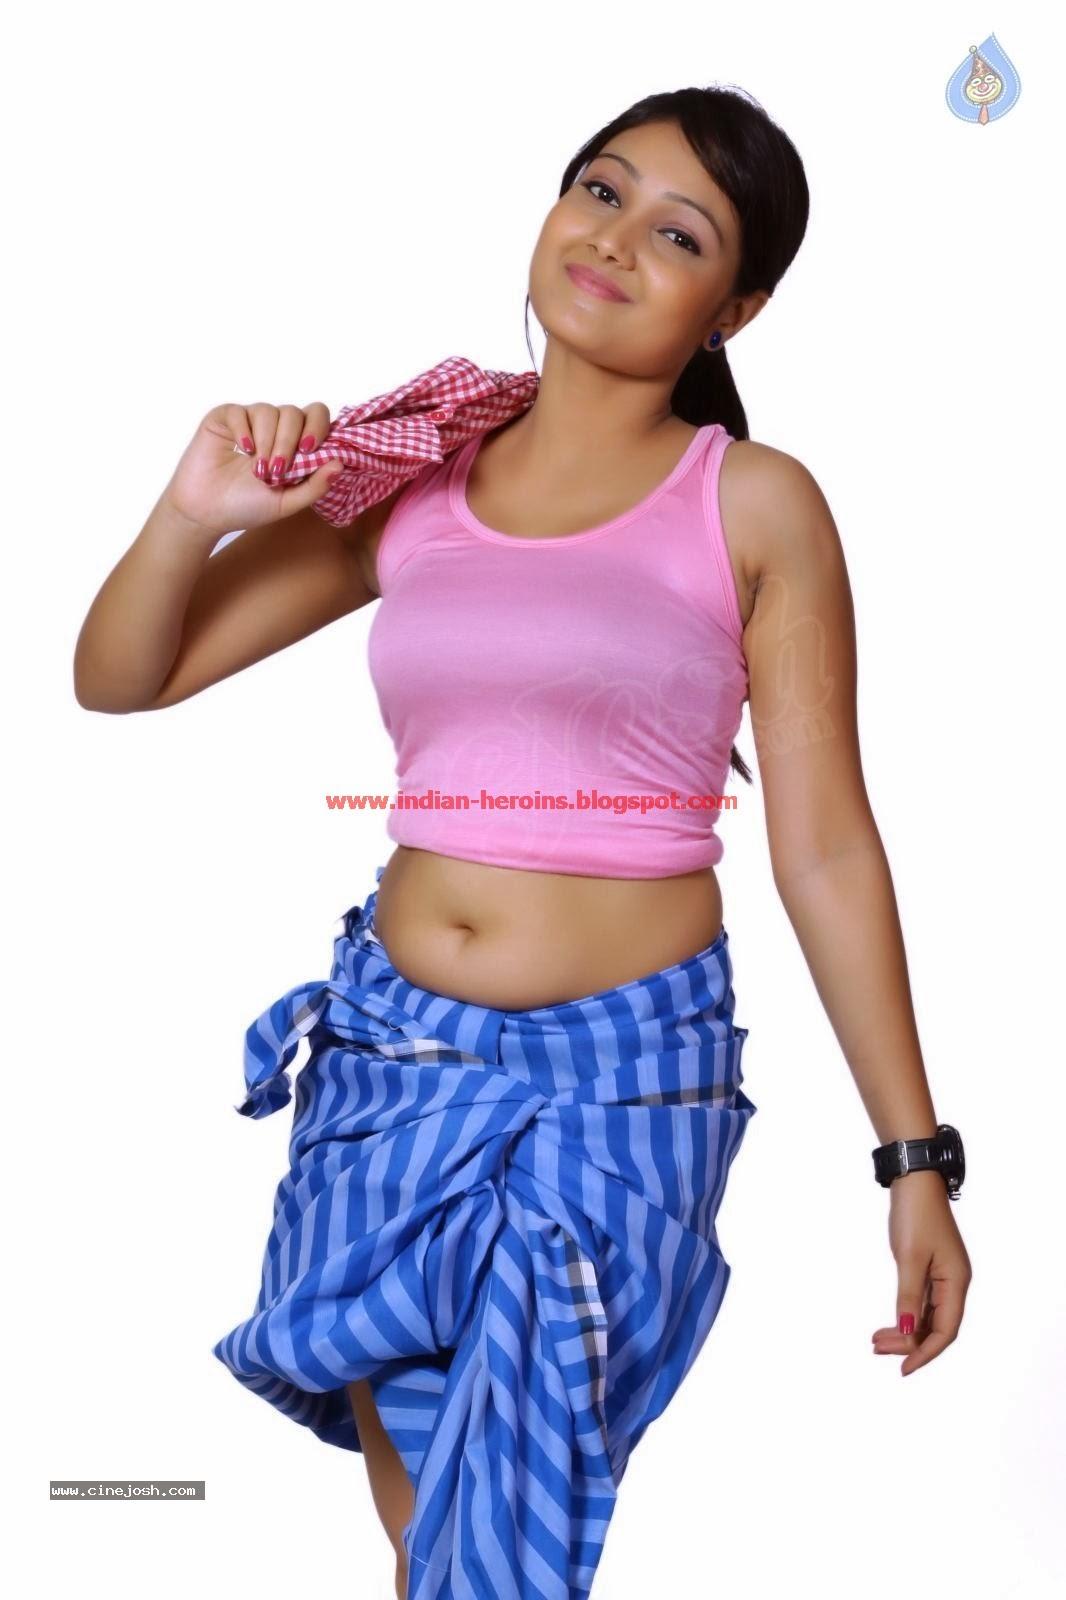 Telugu Tv Actress Priyanka Hot Navel And Boobs Showing -1674